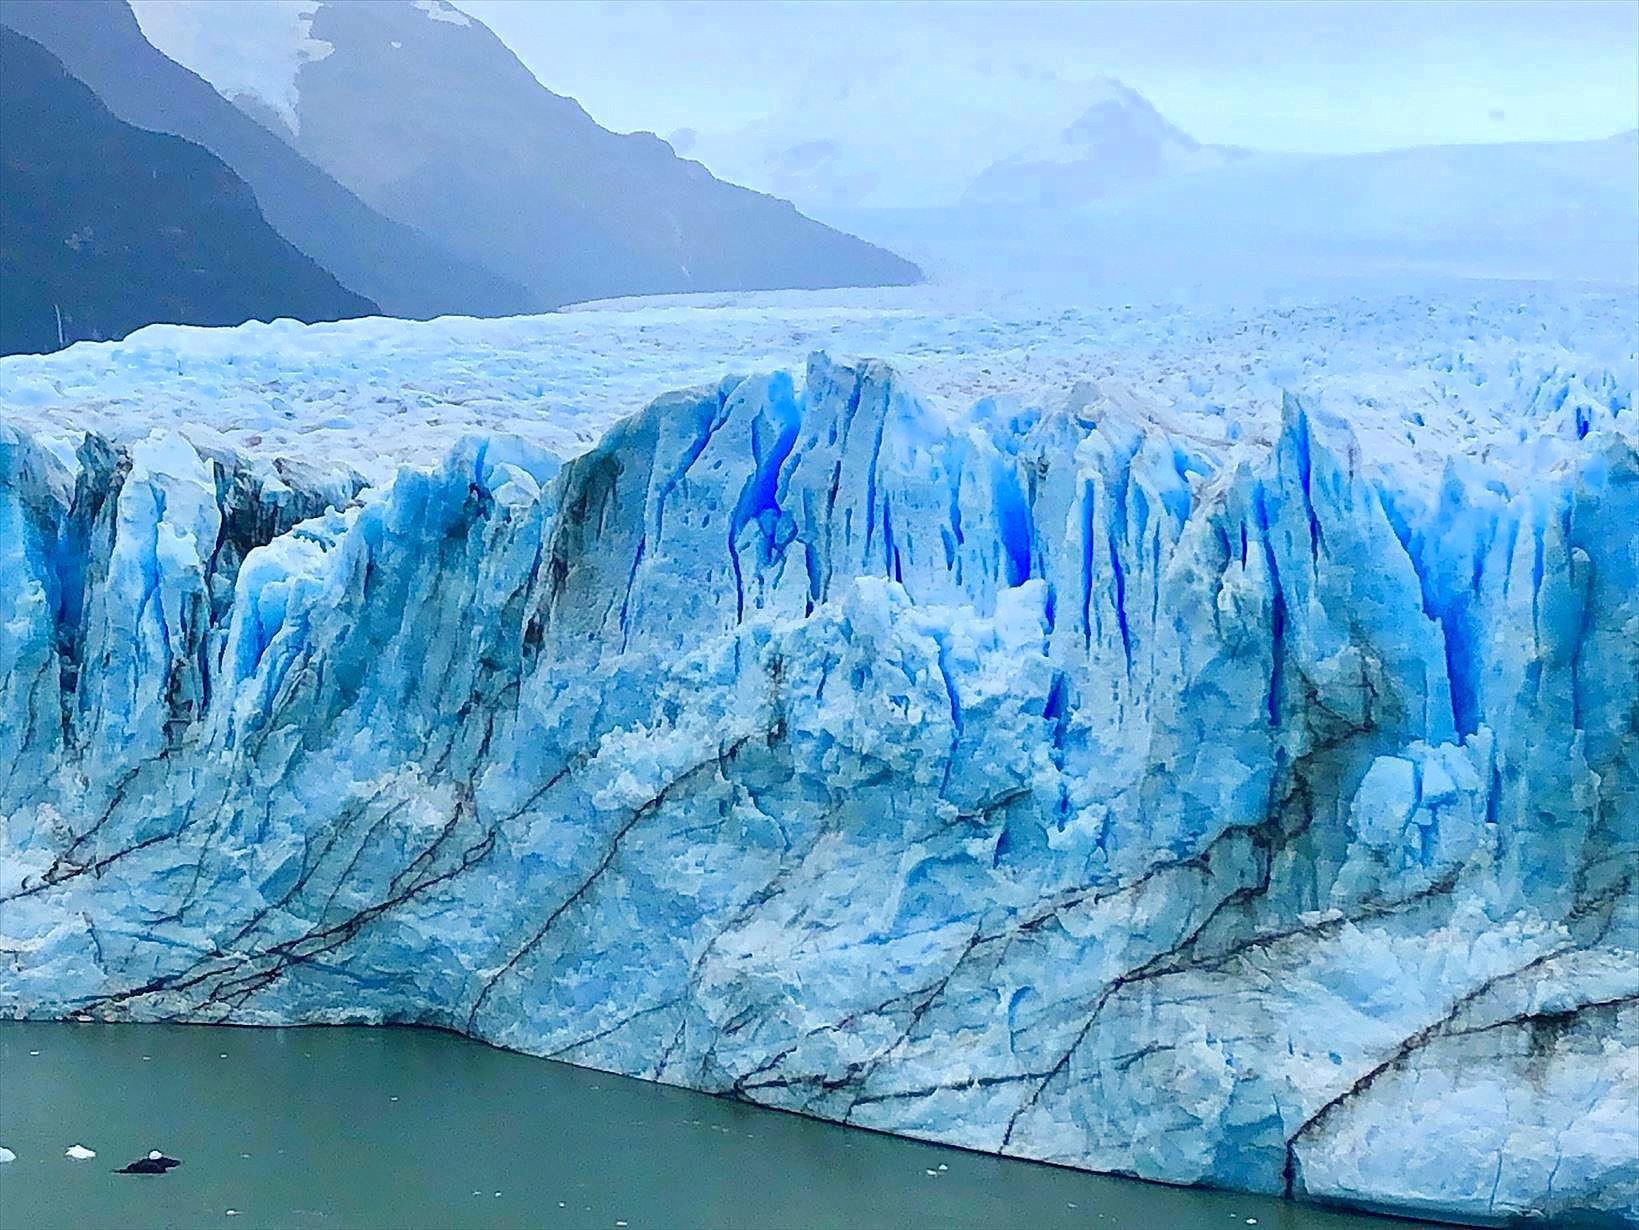 中南米の旅/36 ペリト・モレノ氷河@パタゴニア_a0092659_12055942.jpg